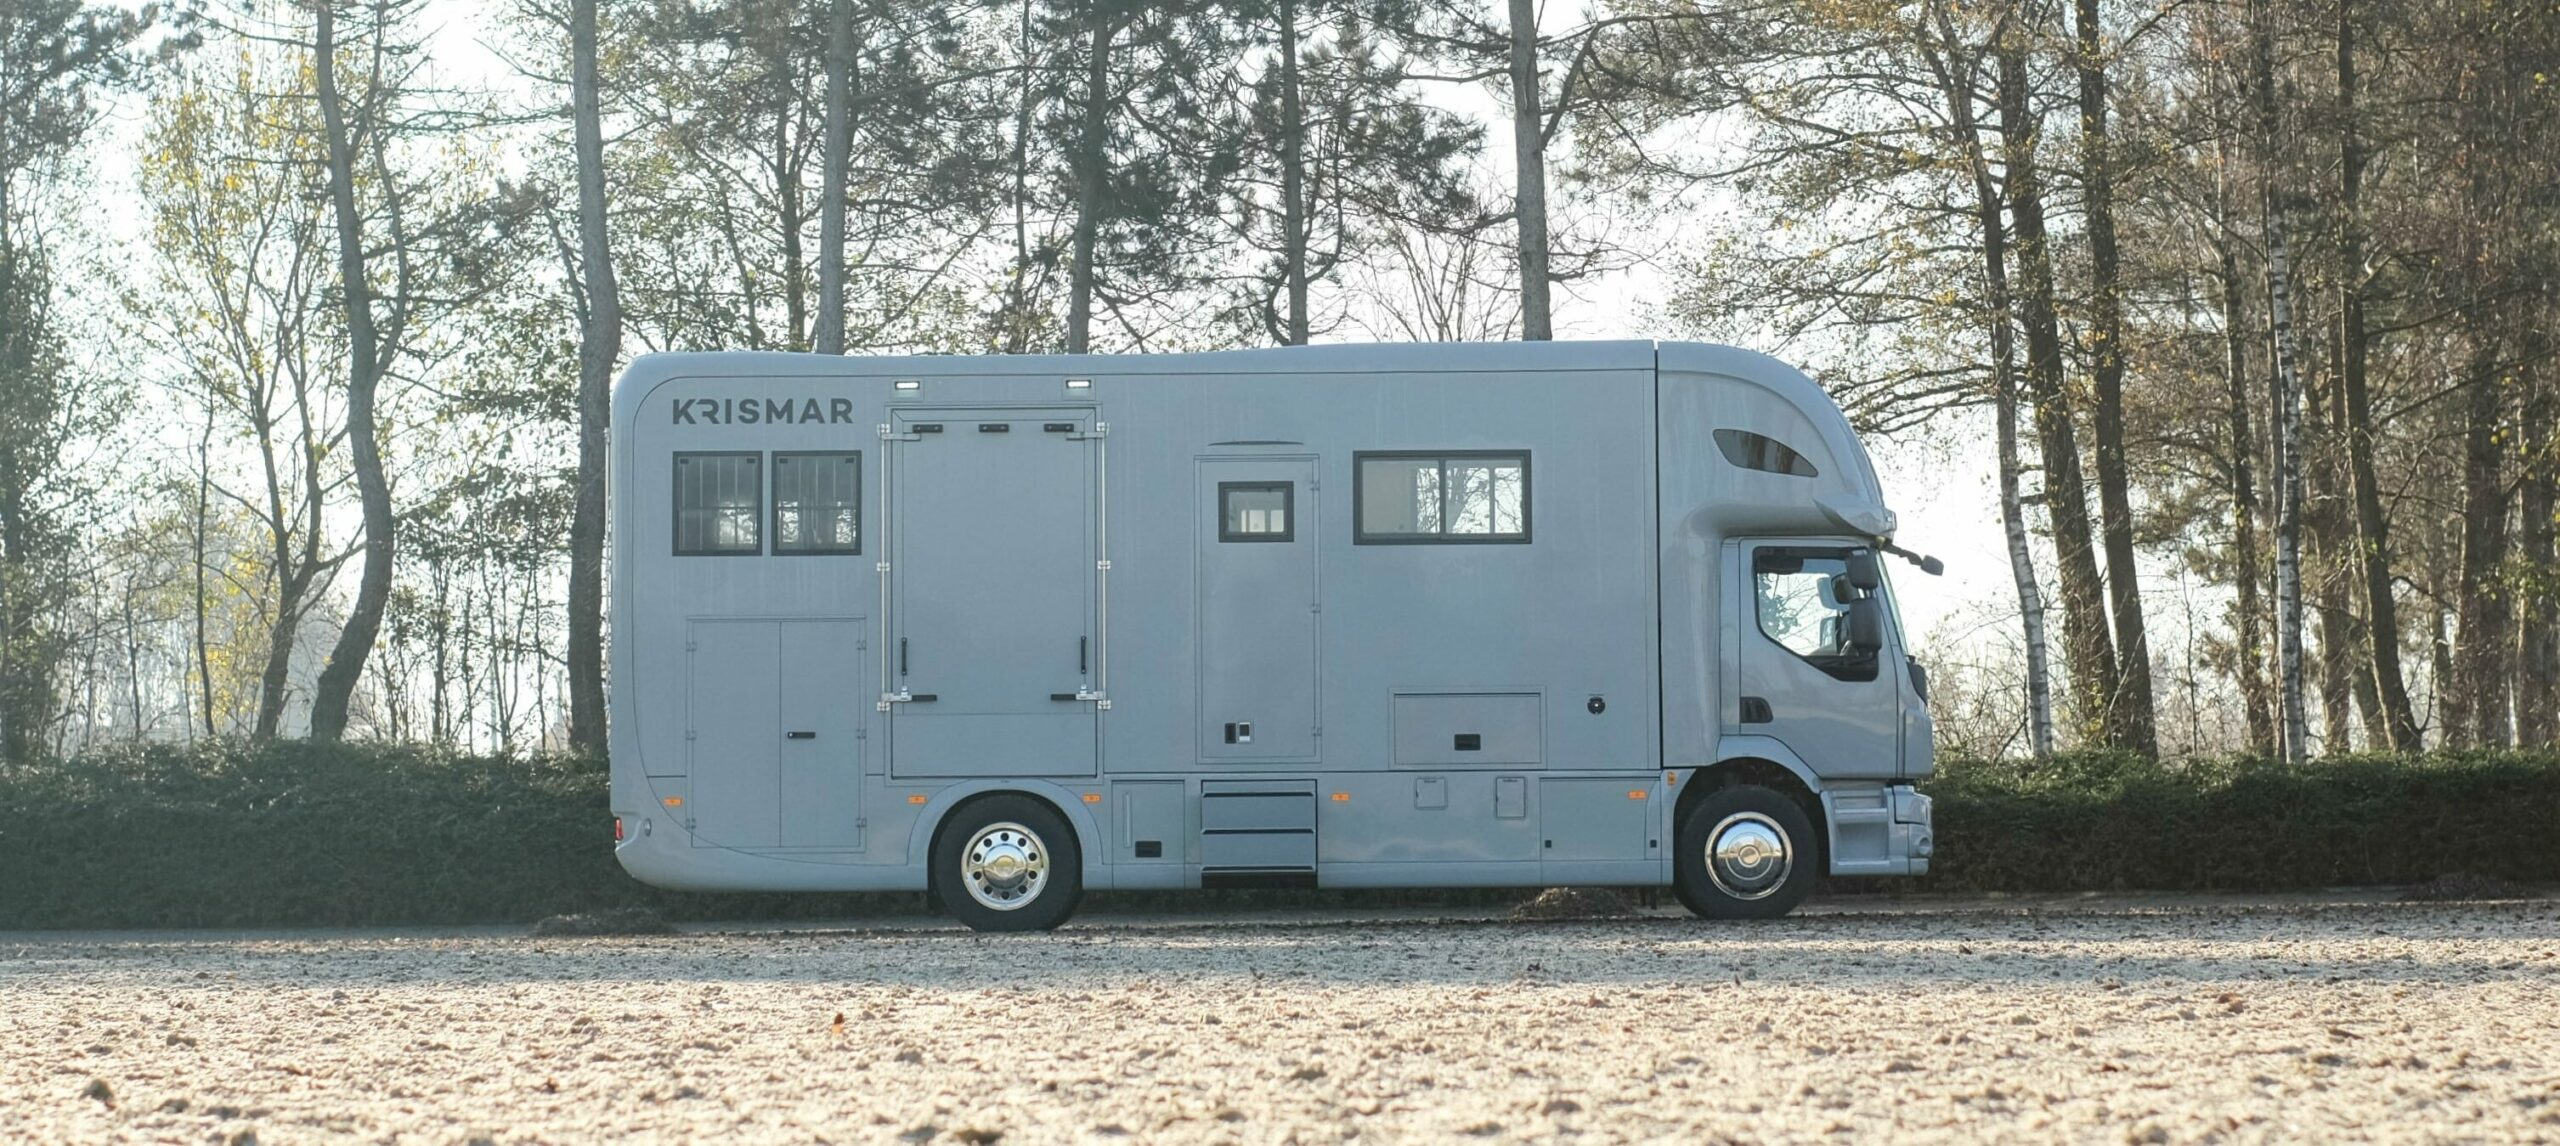 Krismar paardenvrachtwagen professional in een grijze kleur voor 4 paarden